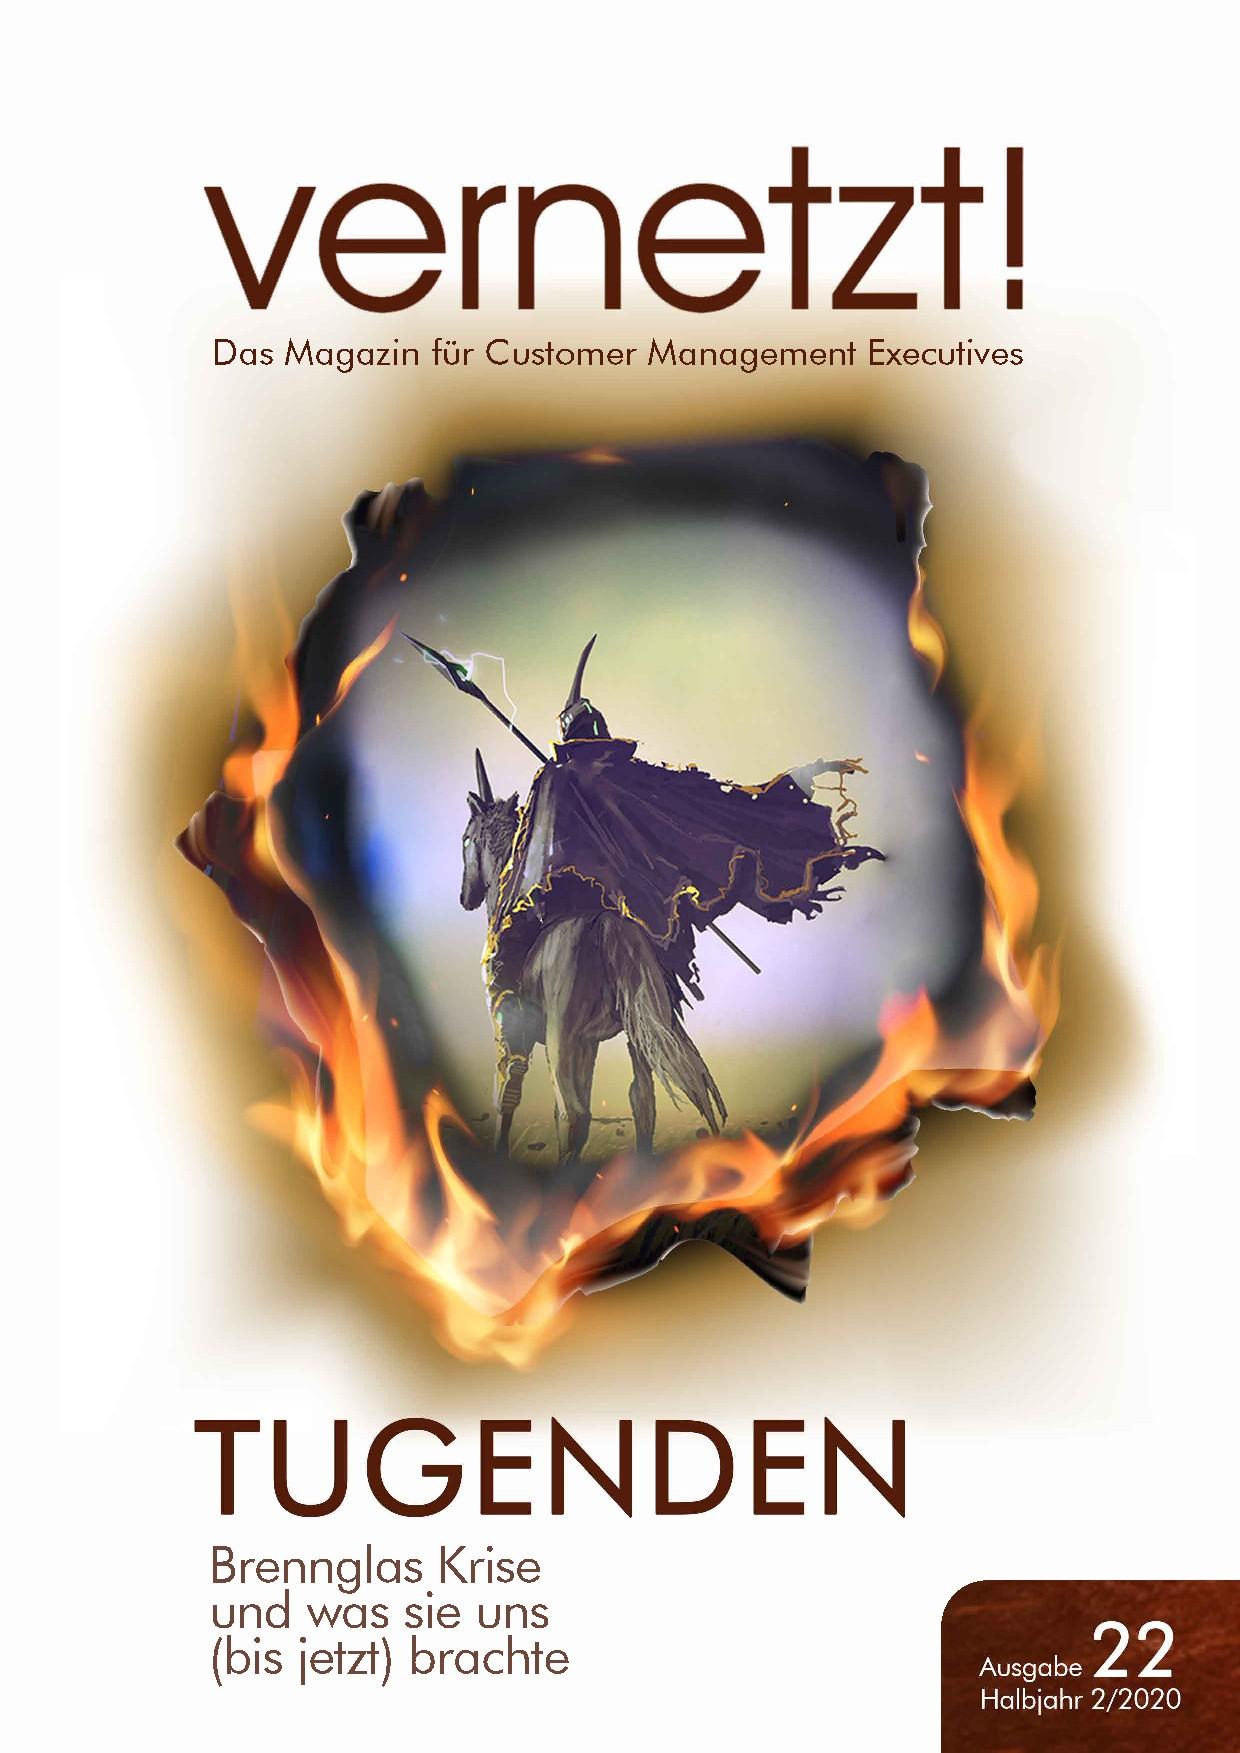 Cover für Magazin vernetzt! Ausgabe II/2020 Titel: TUGENDEN